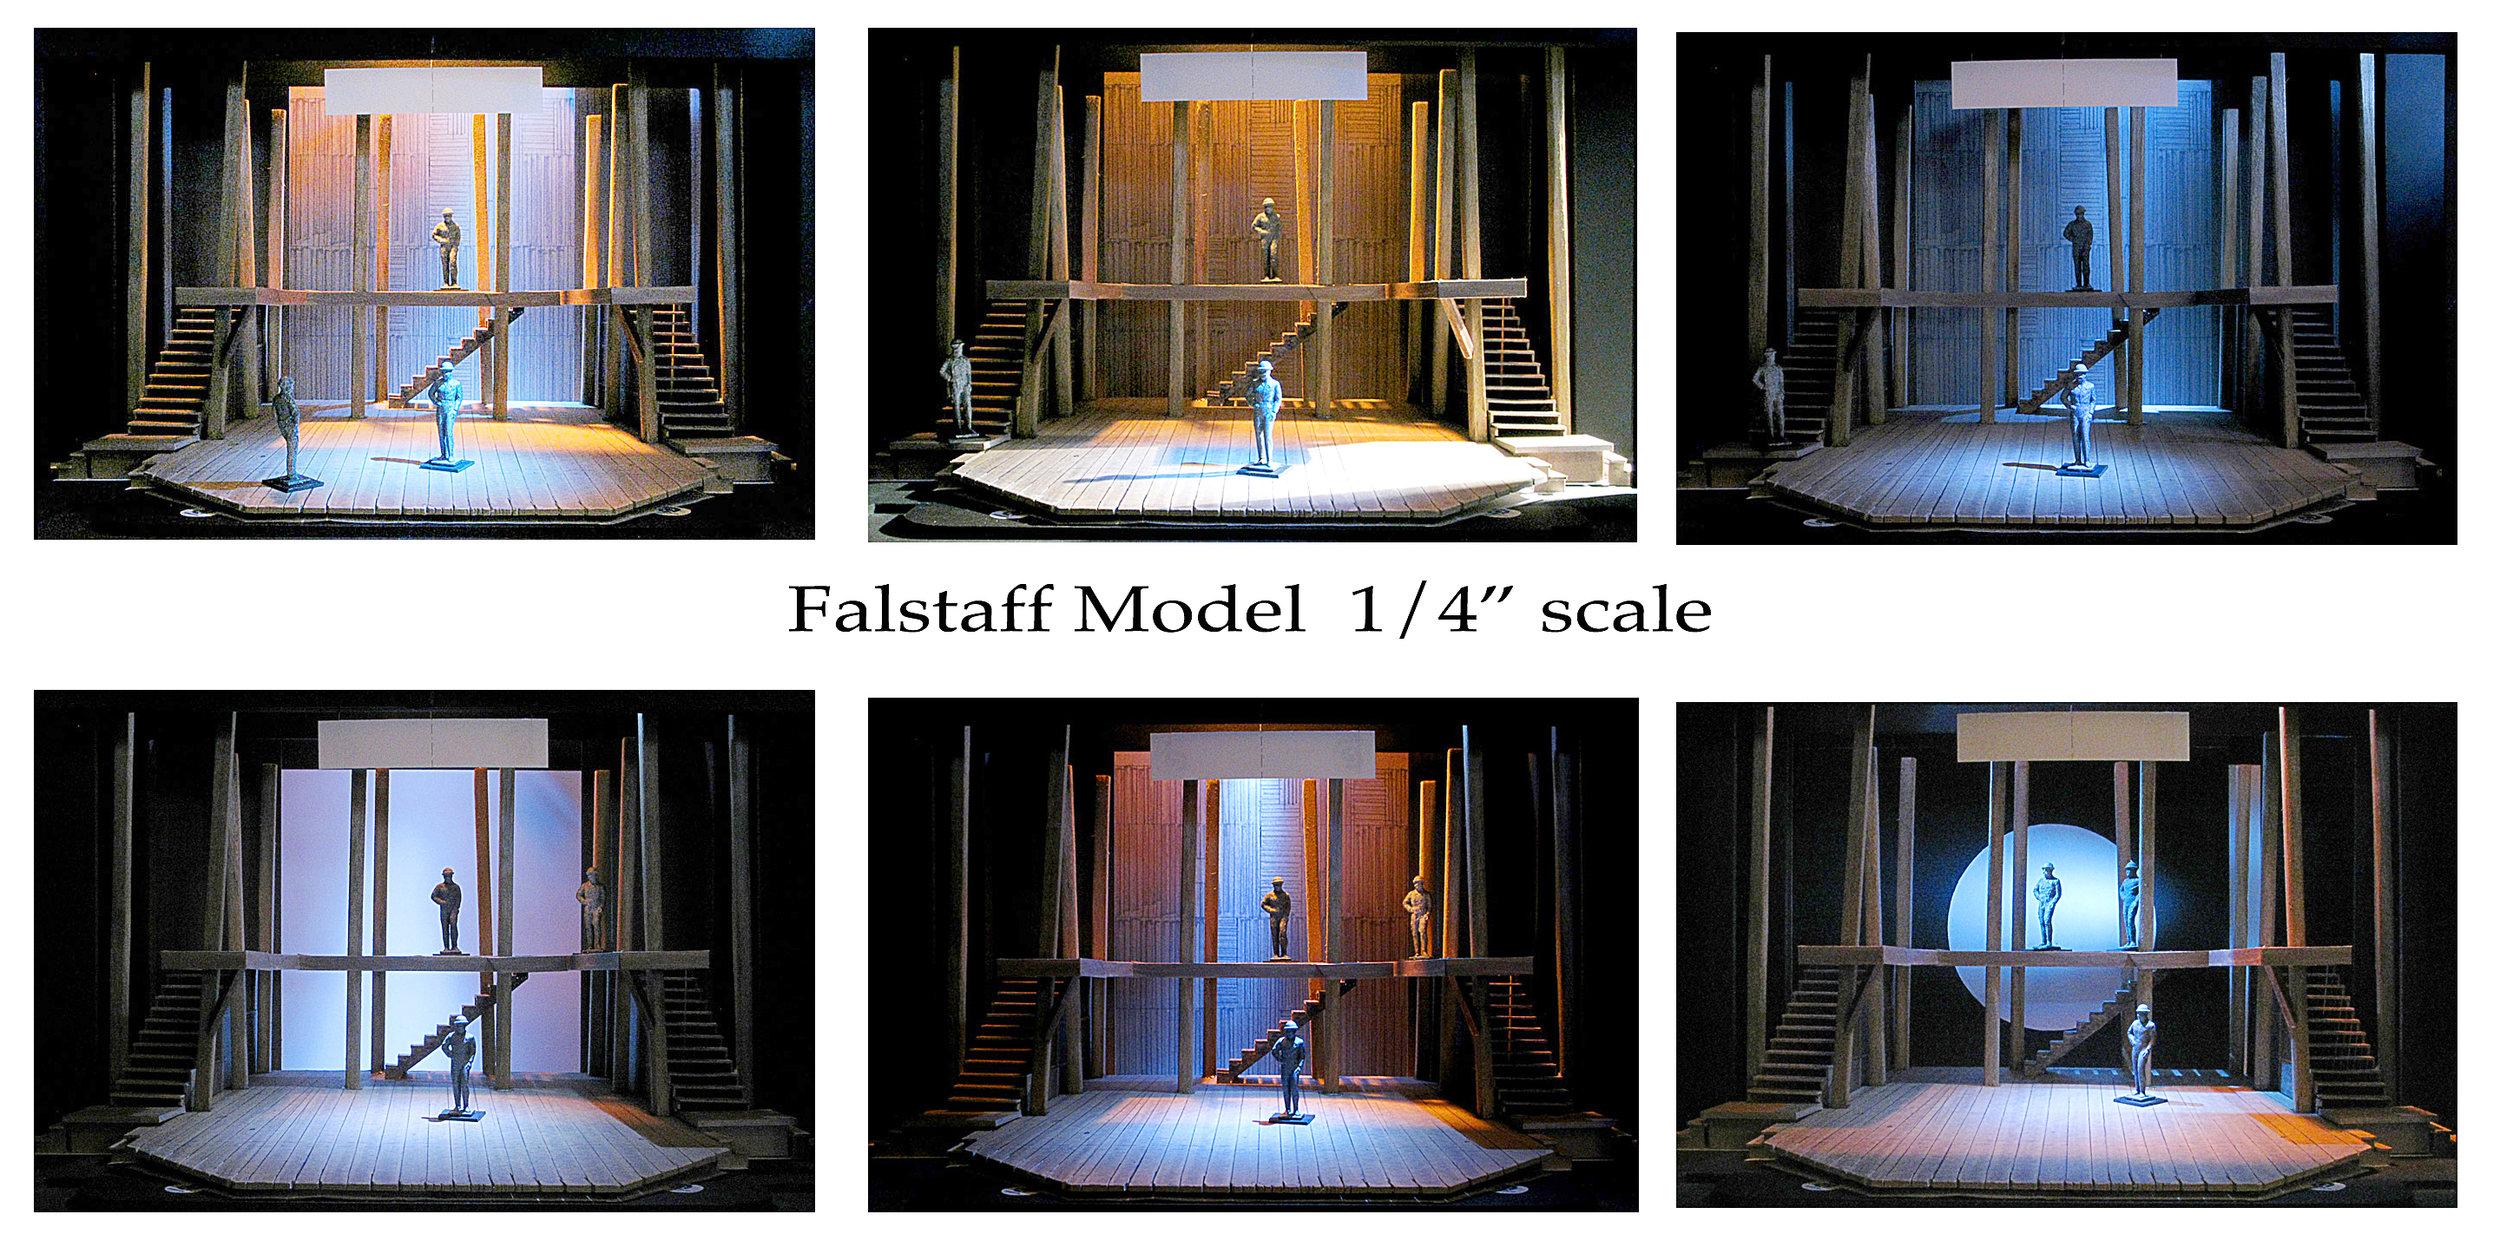 falstaff composite1.jpg